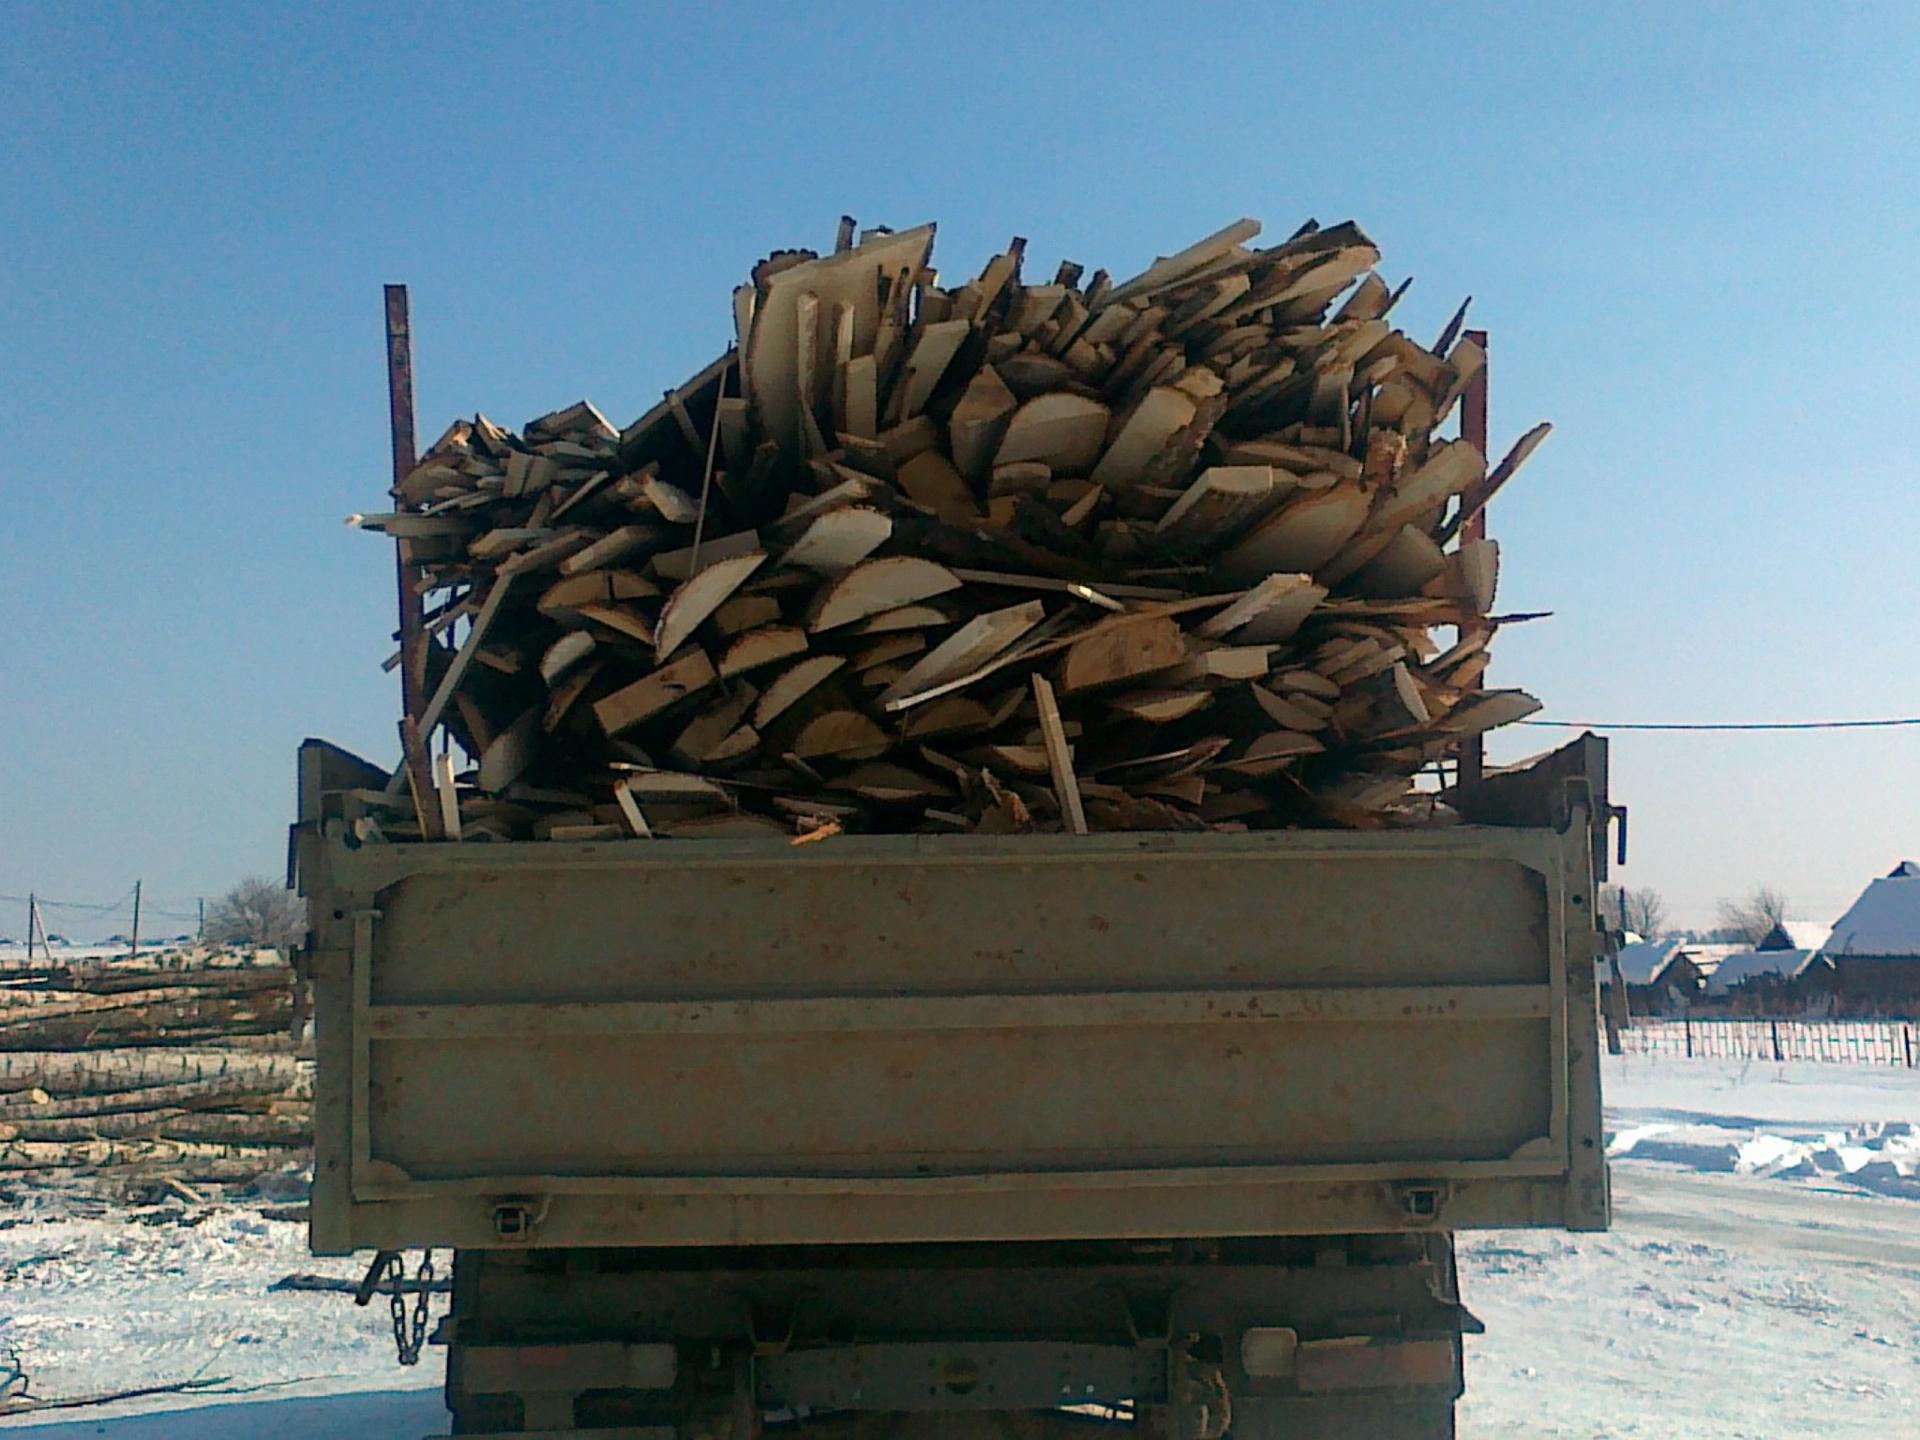 Отходы как вторичное сырье для производства товаров и энергии - обращение с отходами  способы утилизации отходов - статьи - отходы.ру